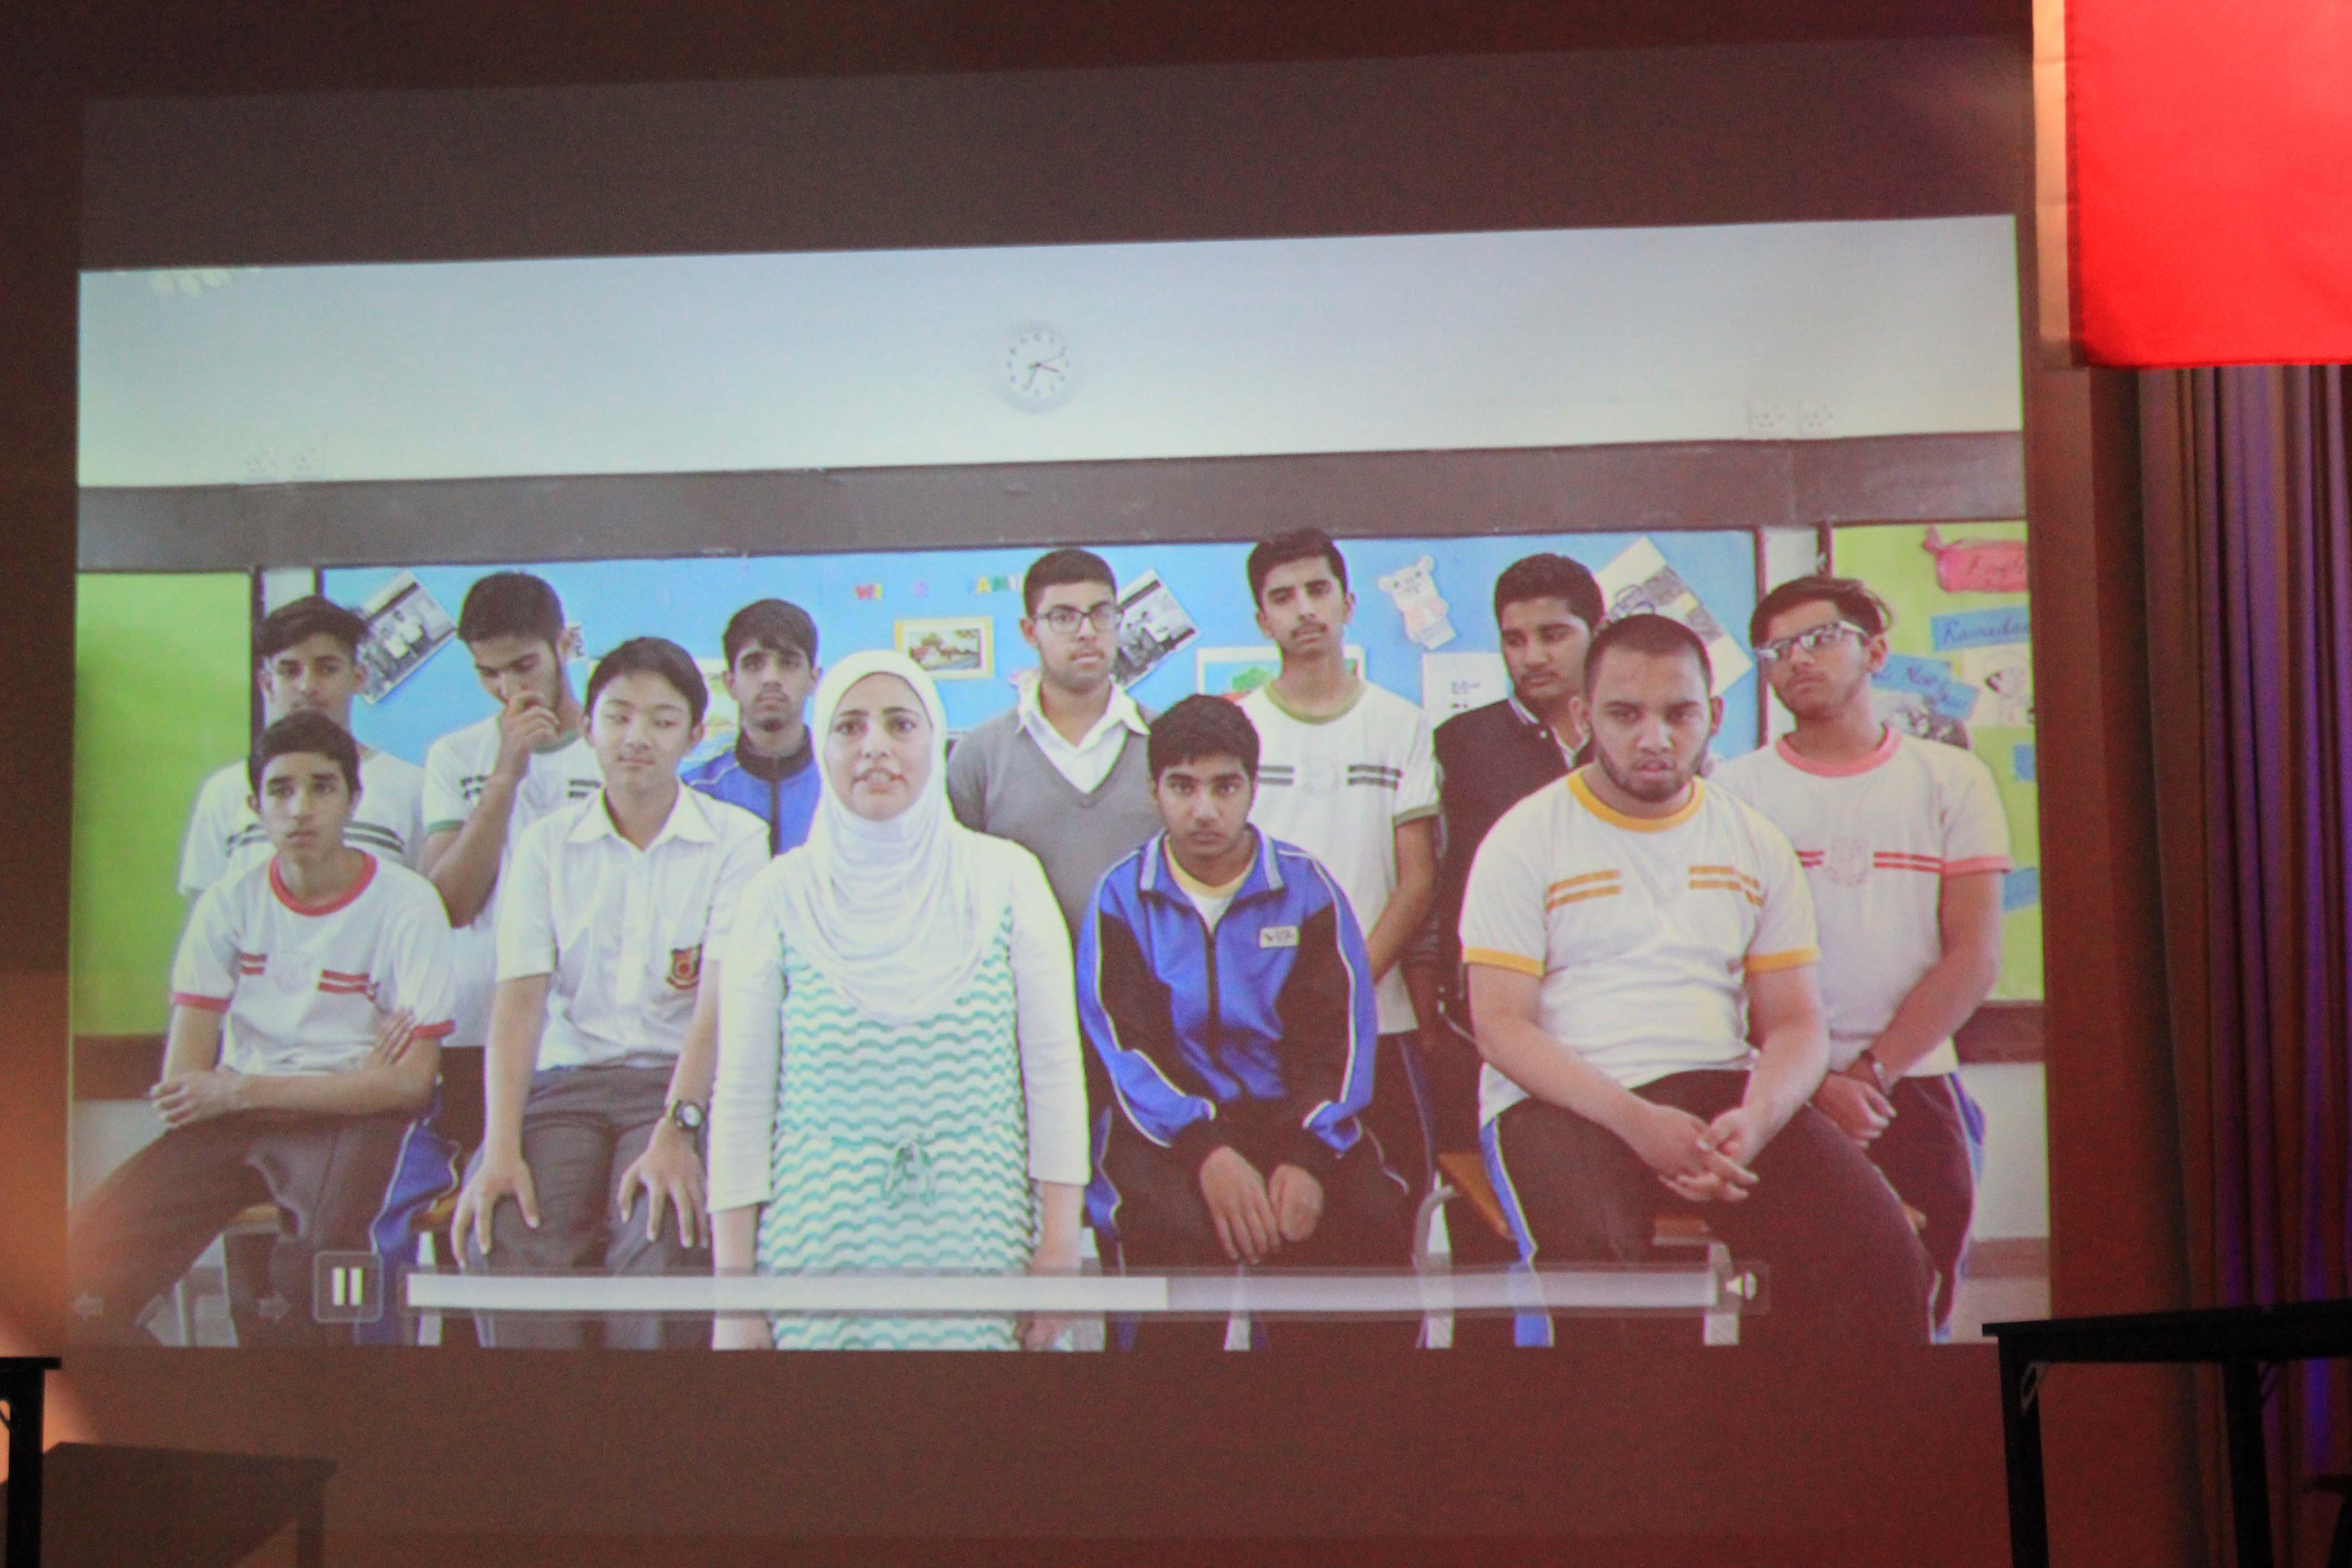 天主教慈幼會伍少梅中學的「中巴經濟走廊」高峰會活動相片4